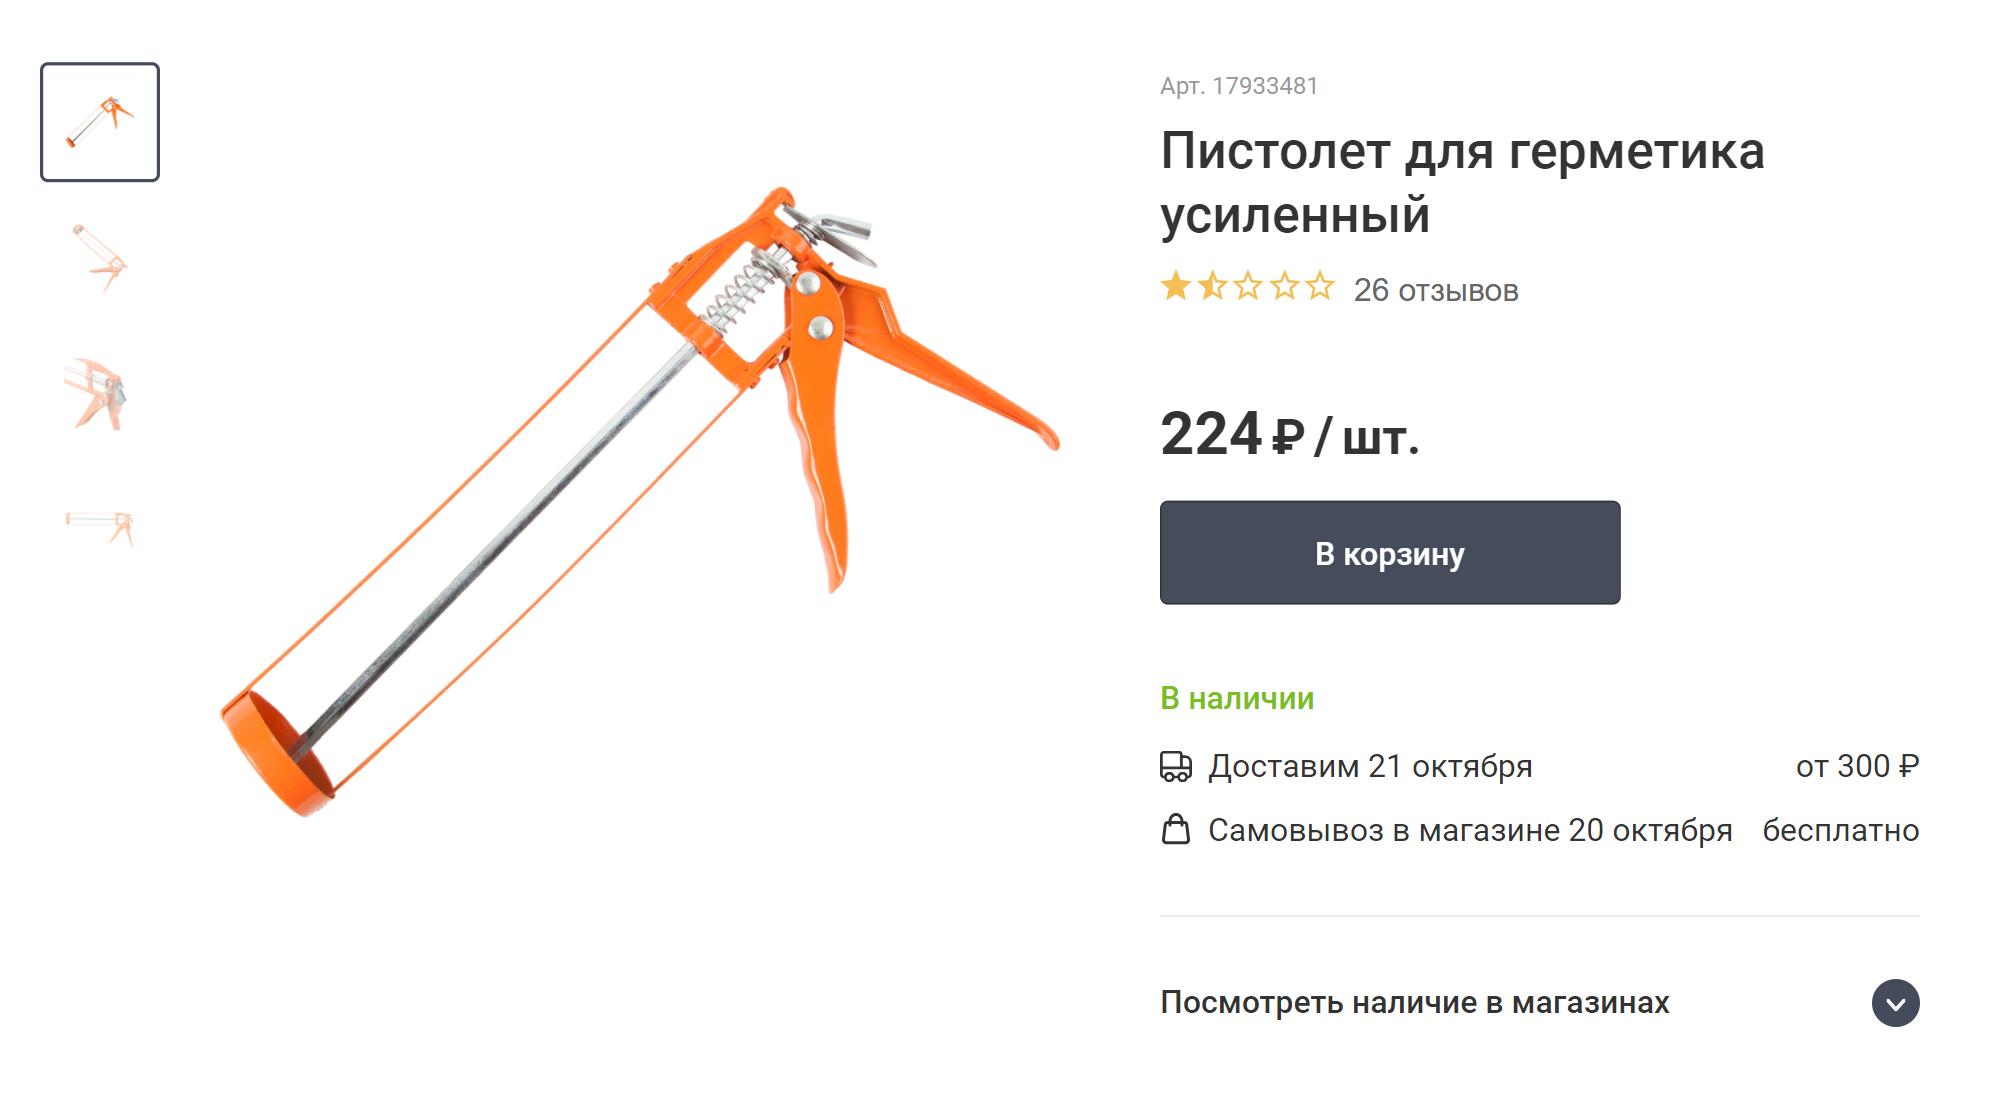 Я видел пистолеты и от 1000<span class=ruble>Р</span>, но купил самый дешевый и остался доволен. Источник: «Леруа Мерлен»